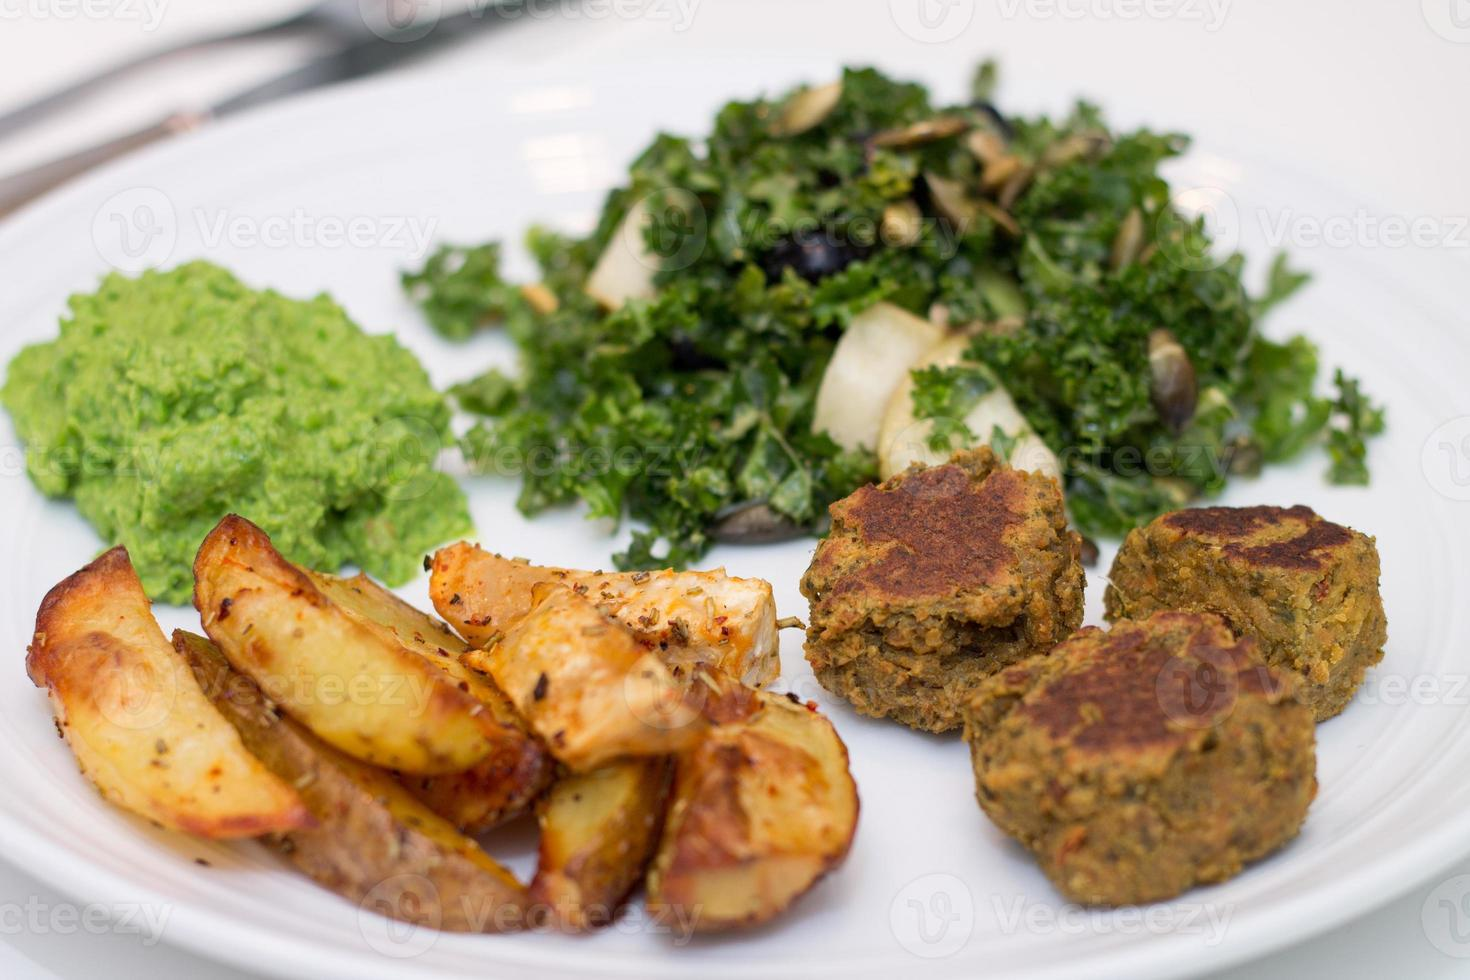 gebakken aardappelen, falafels, erwtenmousse en salade op witte plaat foto